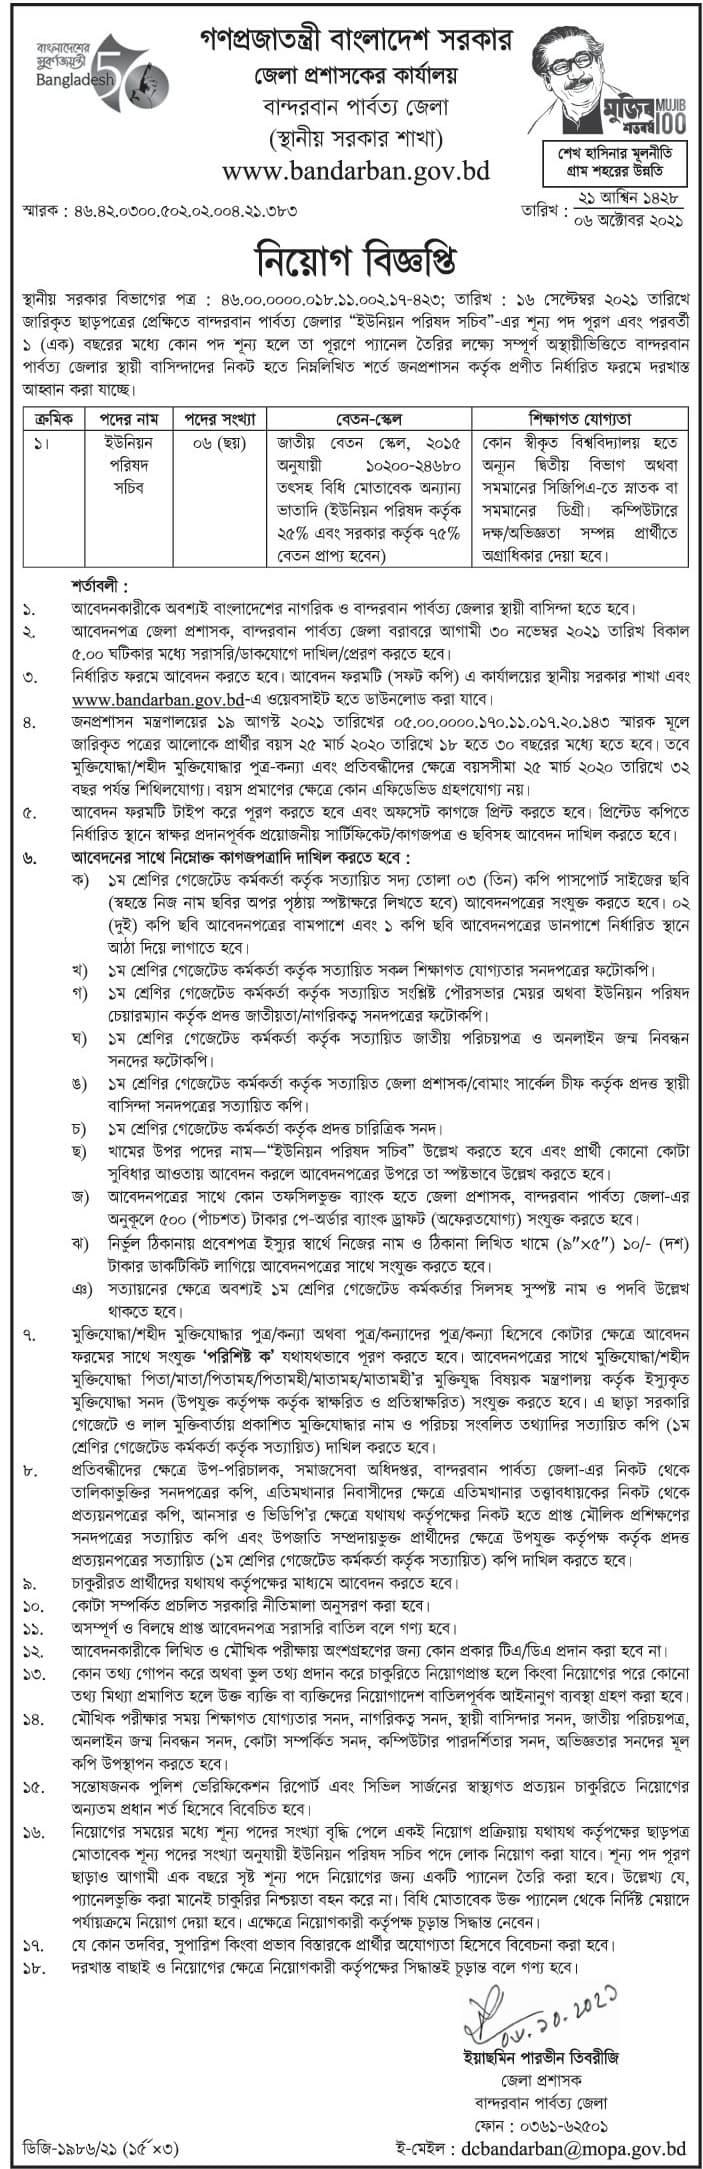 Bandarban DC Office Job Circular 2021